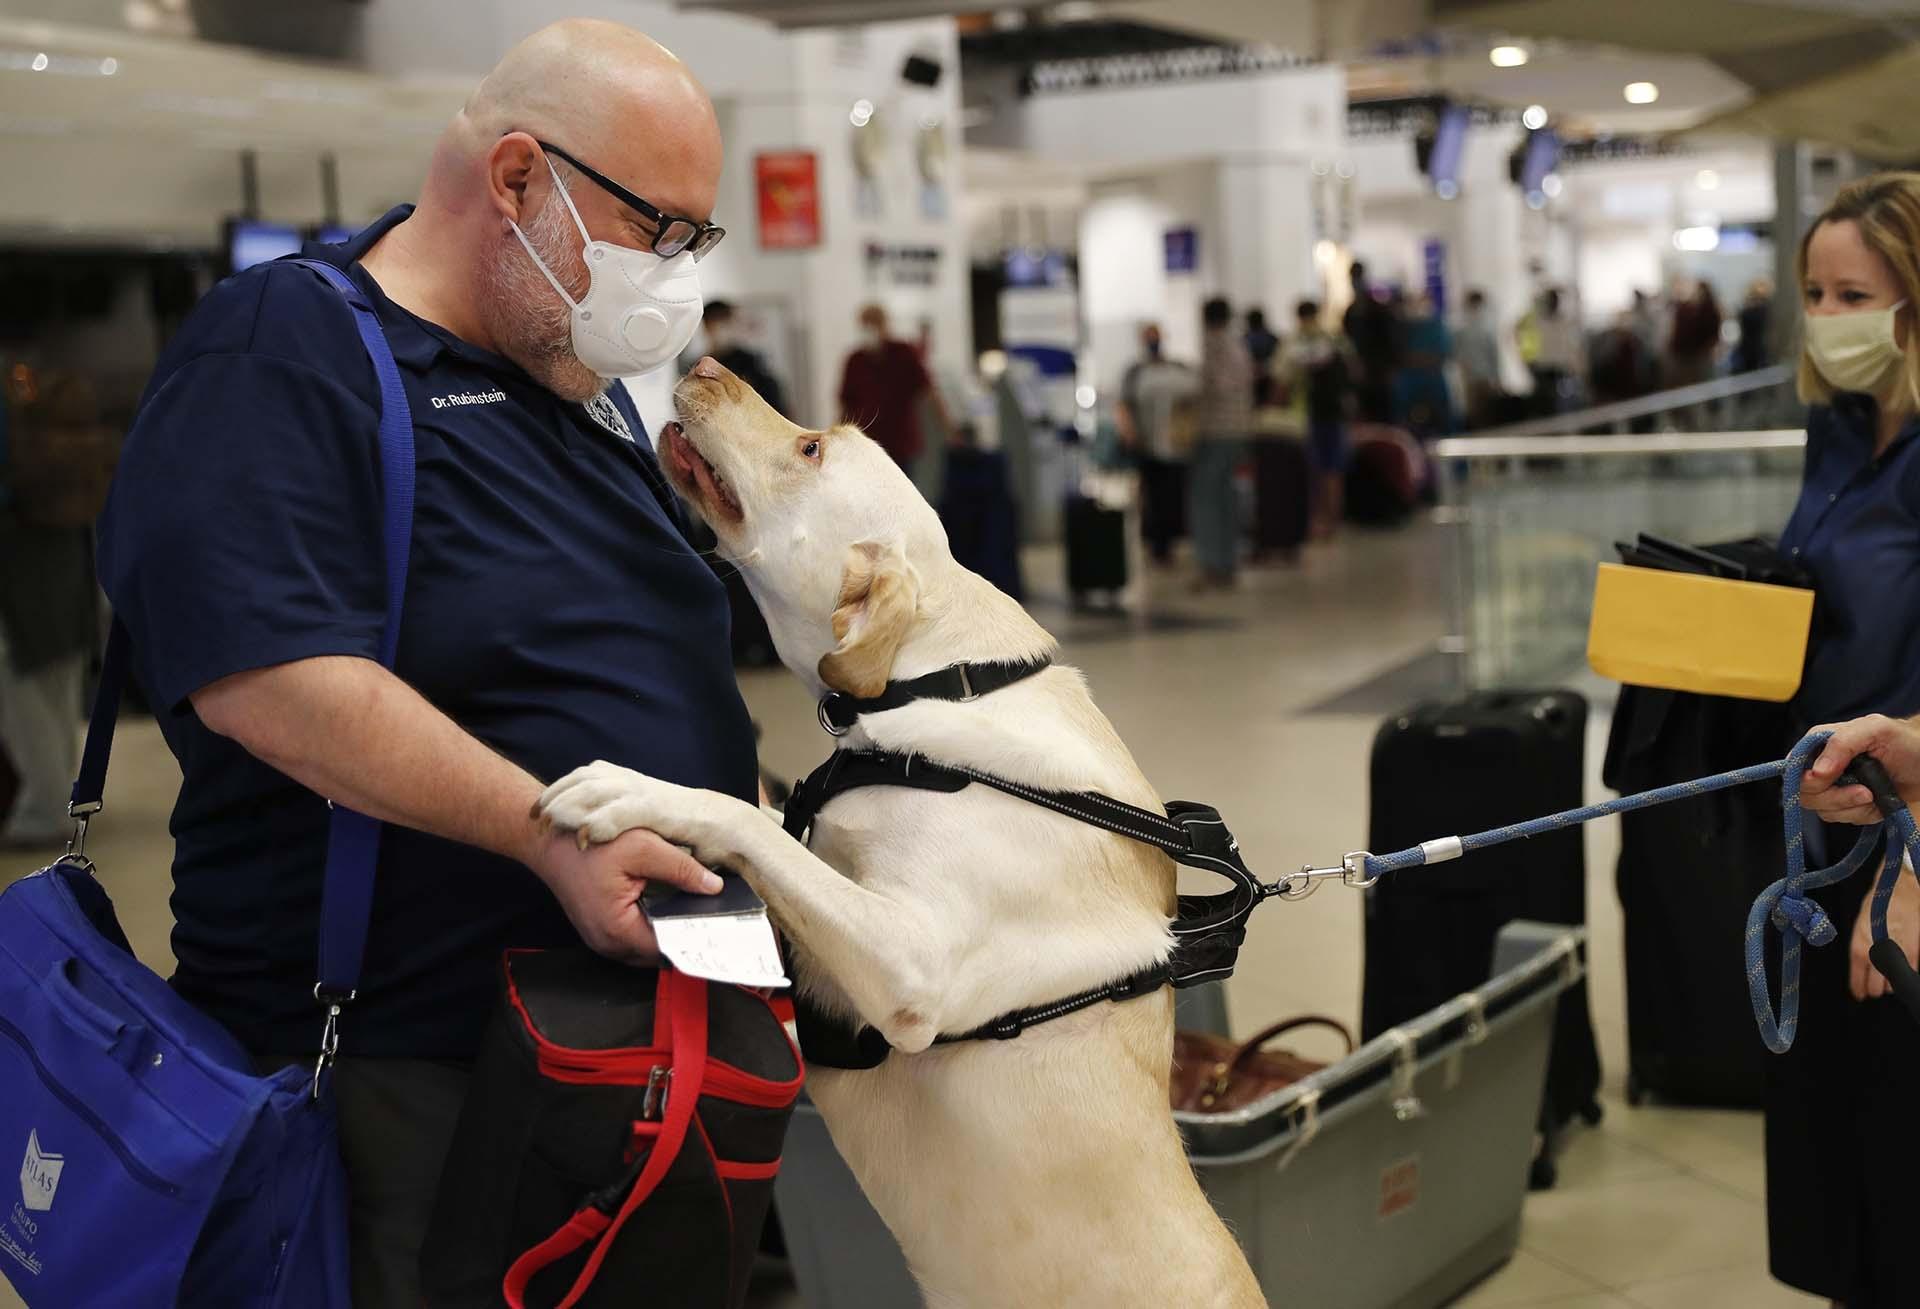 El doctor Rubinstein recibe un salido de un perro llamado Dumas mientras los pasajeros se preparan para tomar un vuelo a Miami desde el aeropuerto de Asuncion, Paraguay (AP Photo/Jorge Saenz)